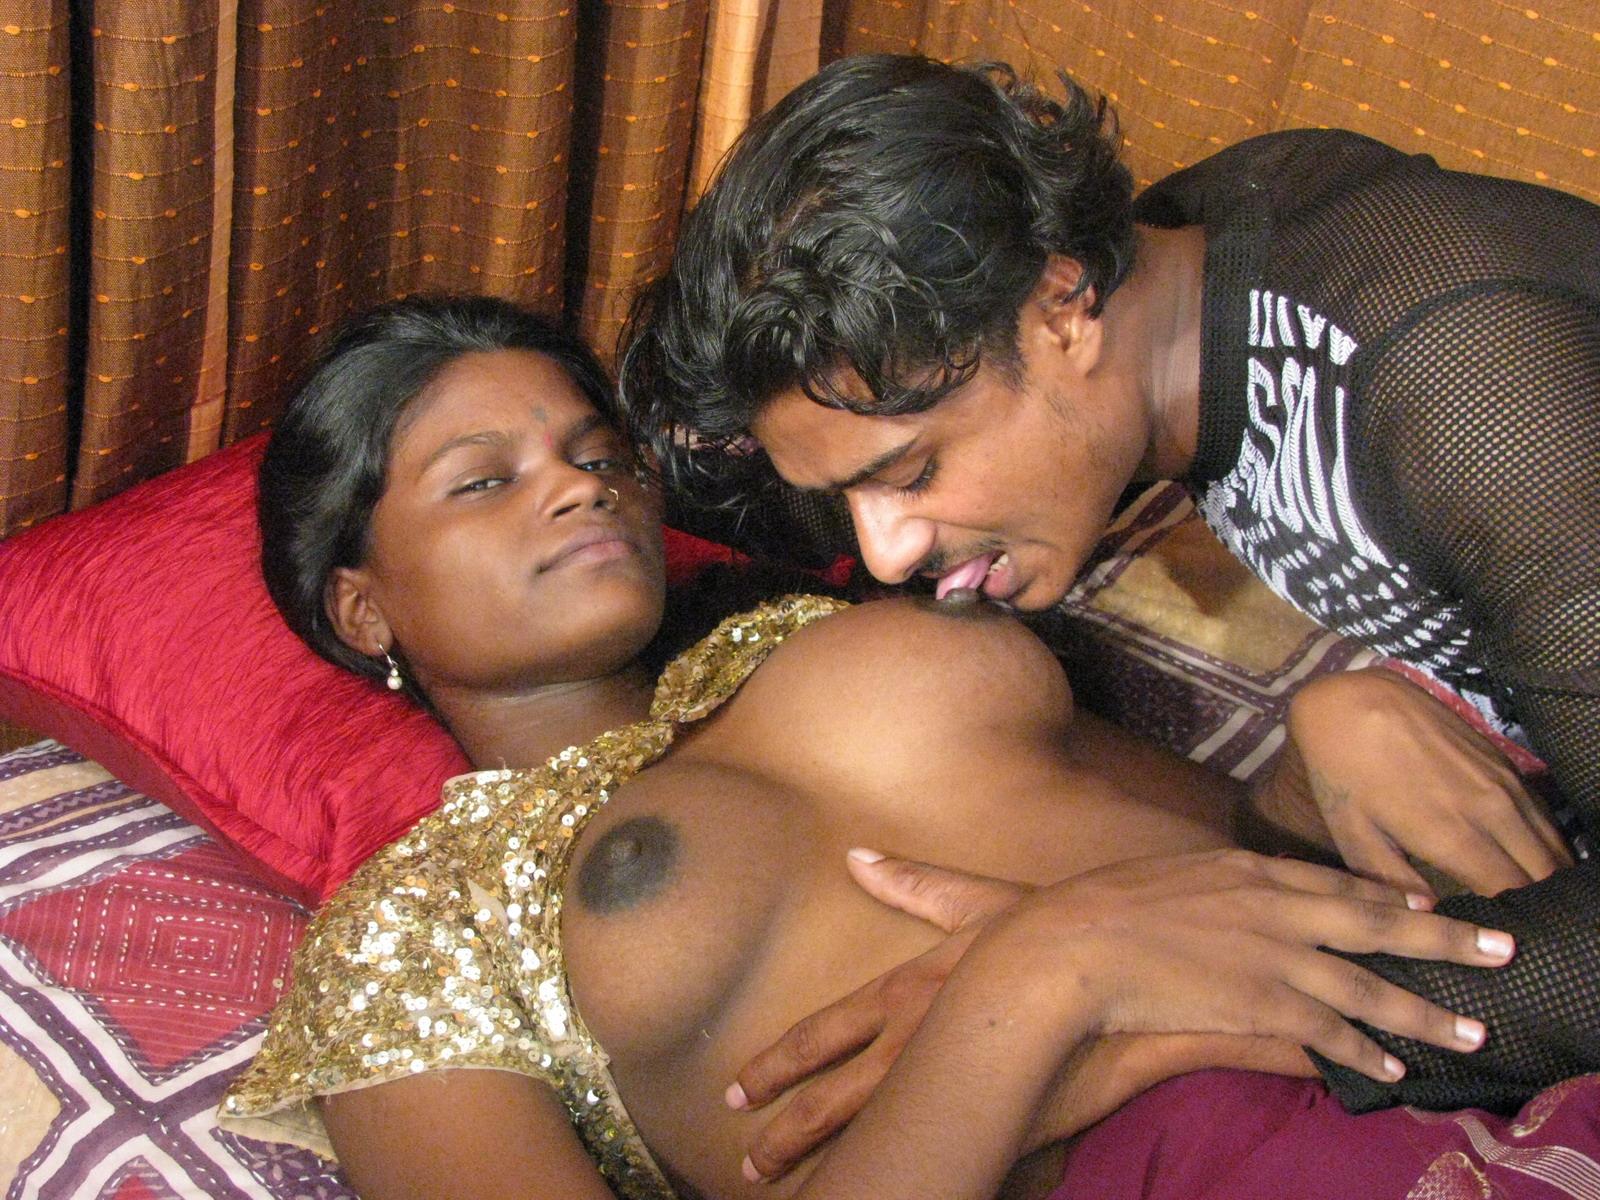 nezhniy-indiyskiy-seks